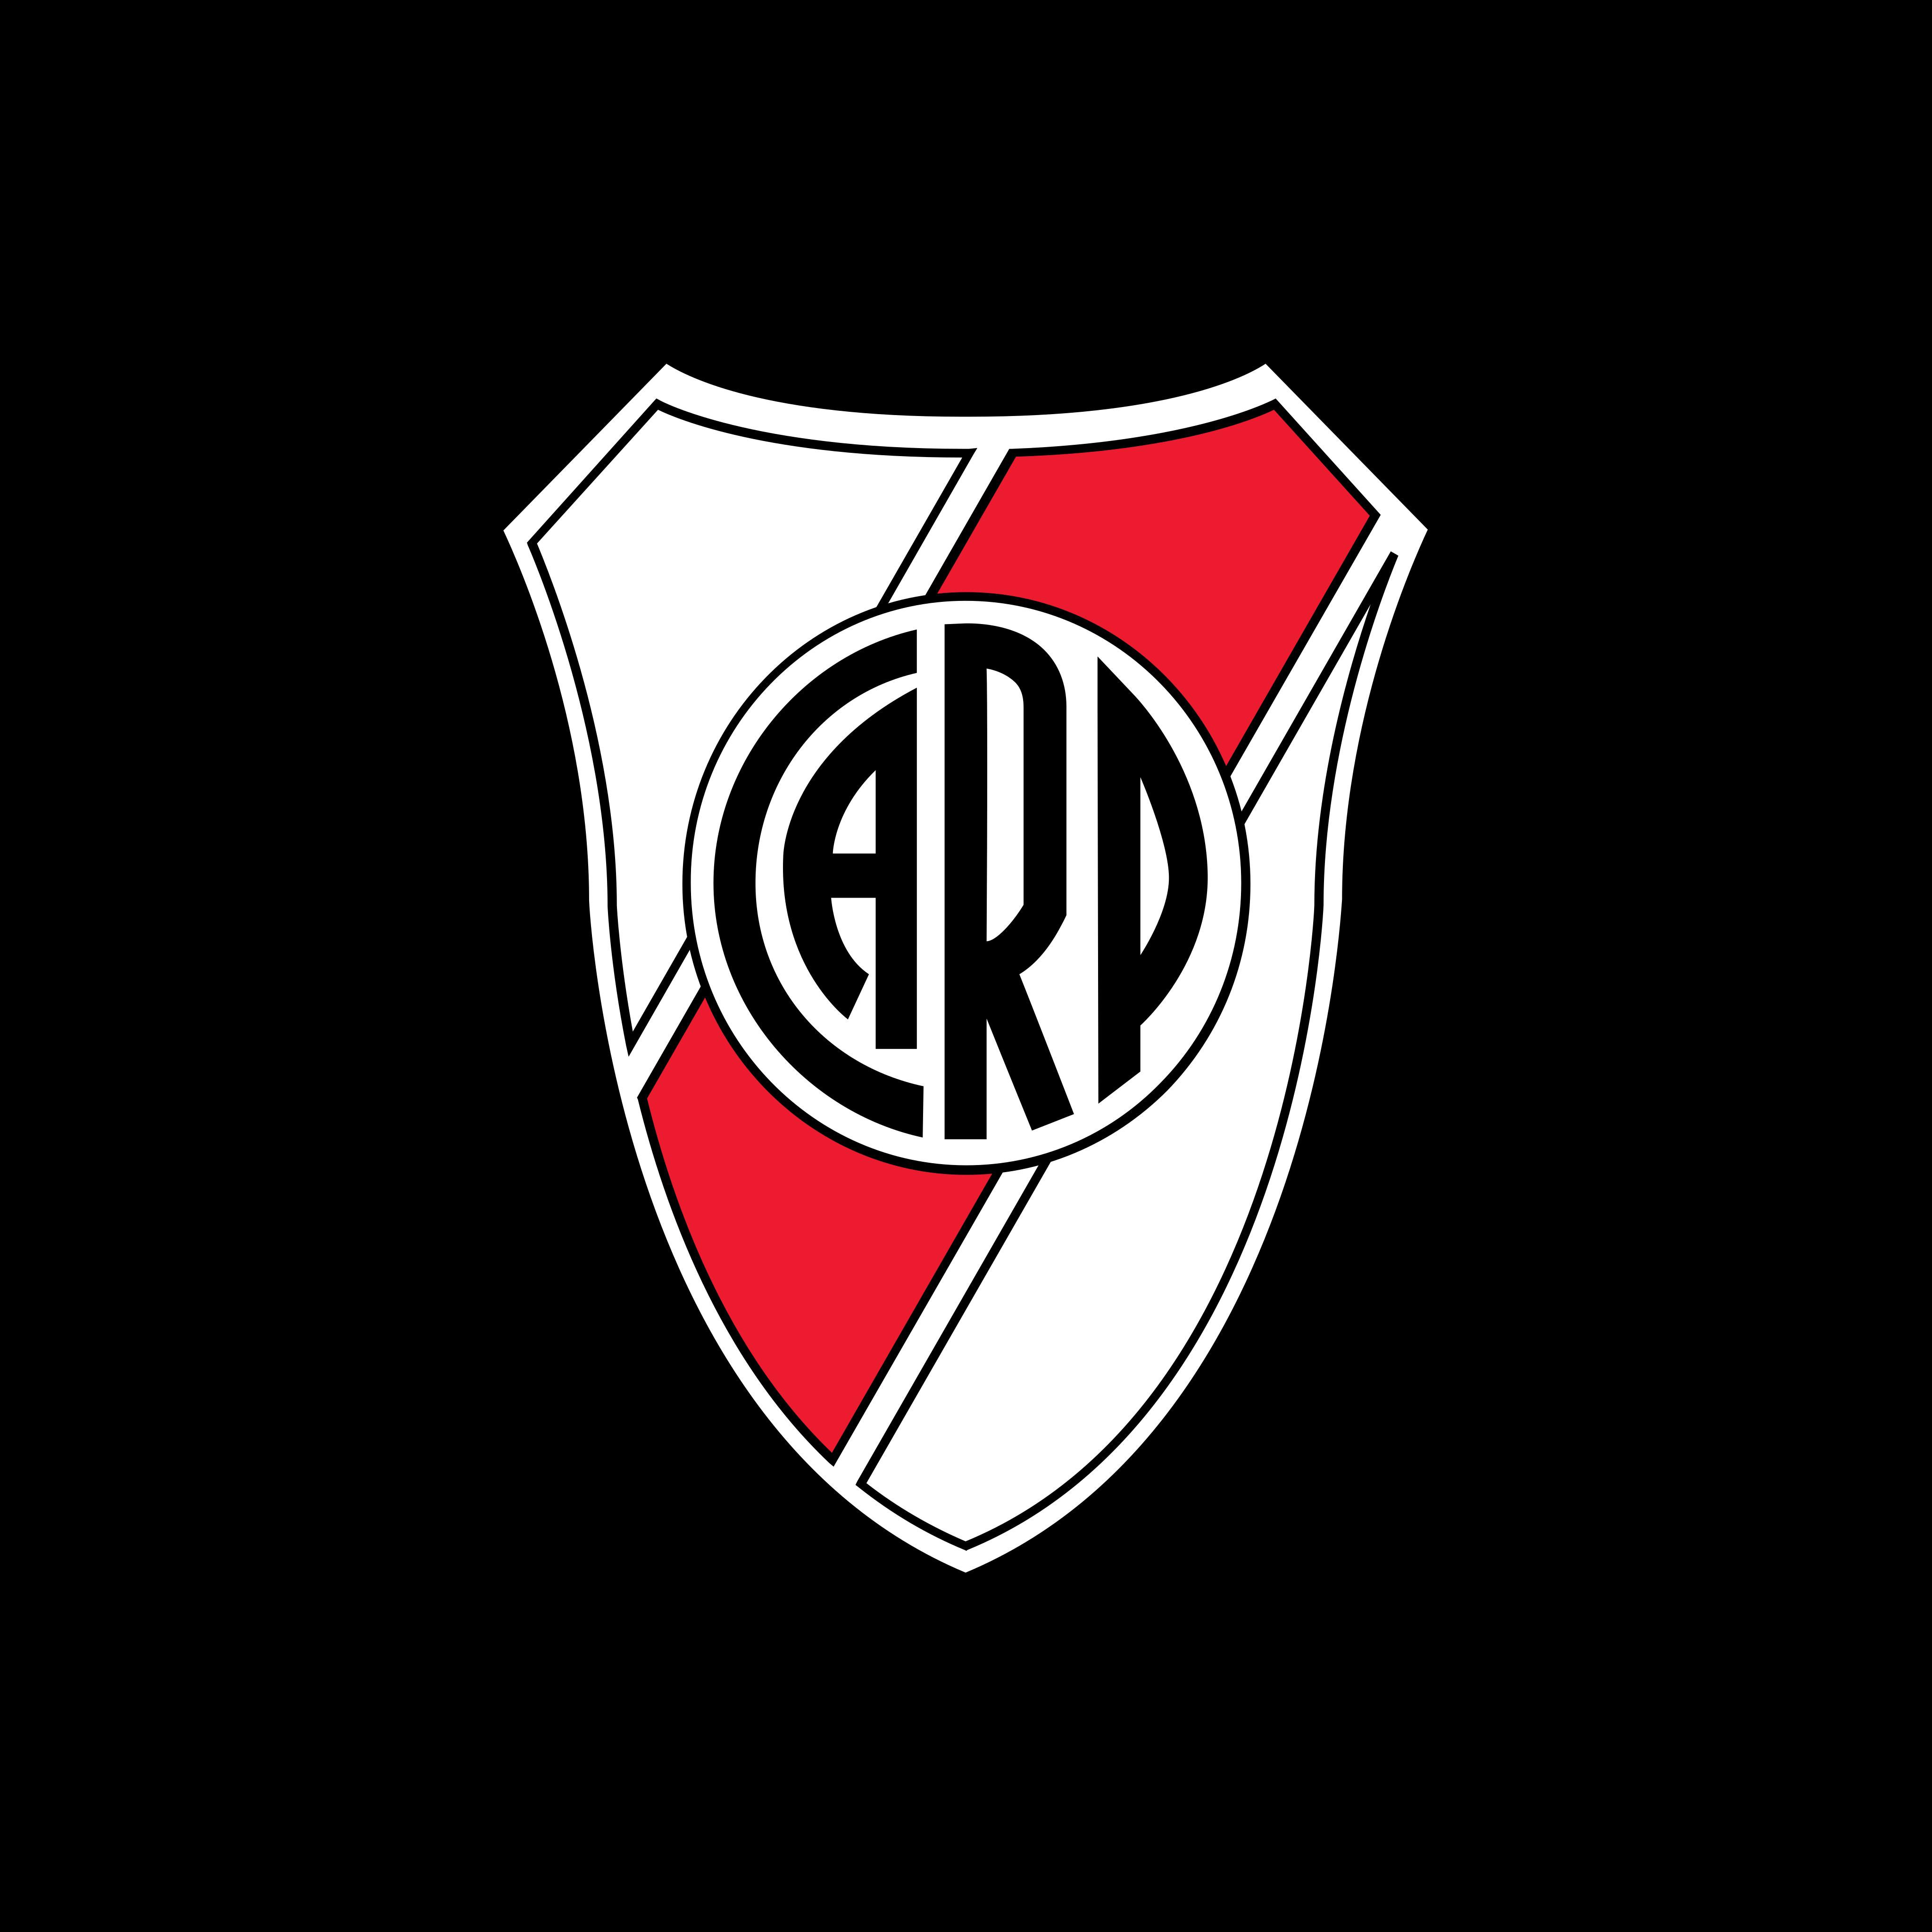 river plate logo 0 - River Plate Logo - Club Atlético River Plate Escudo